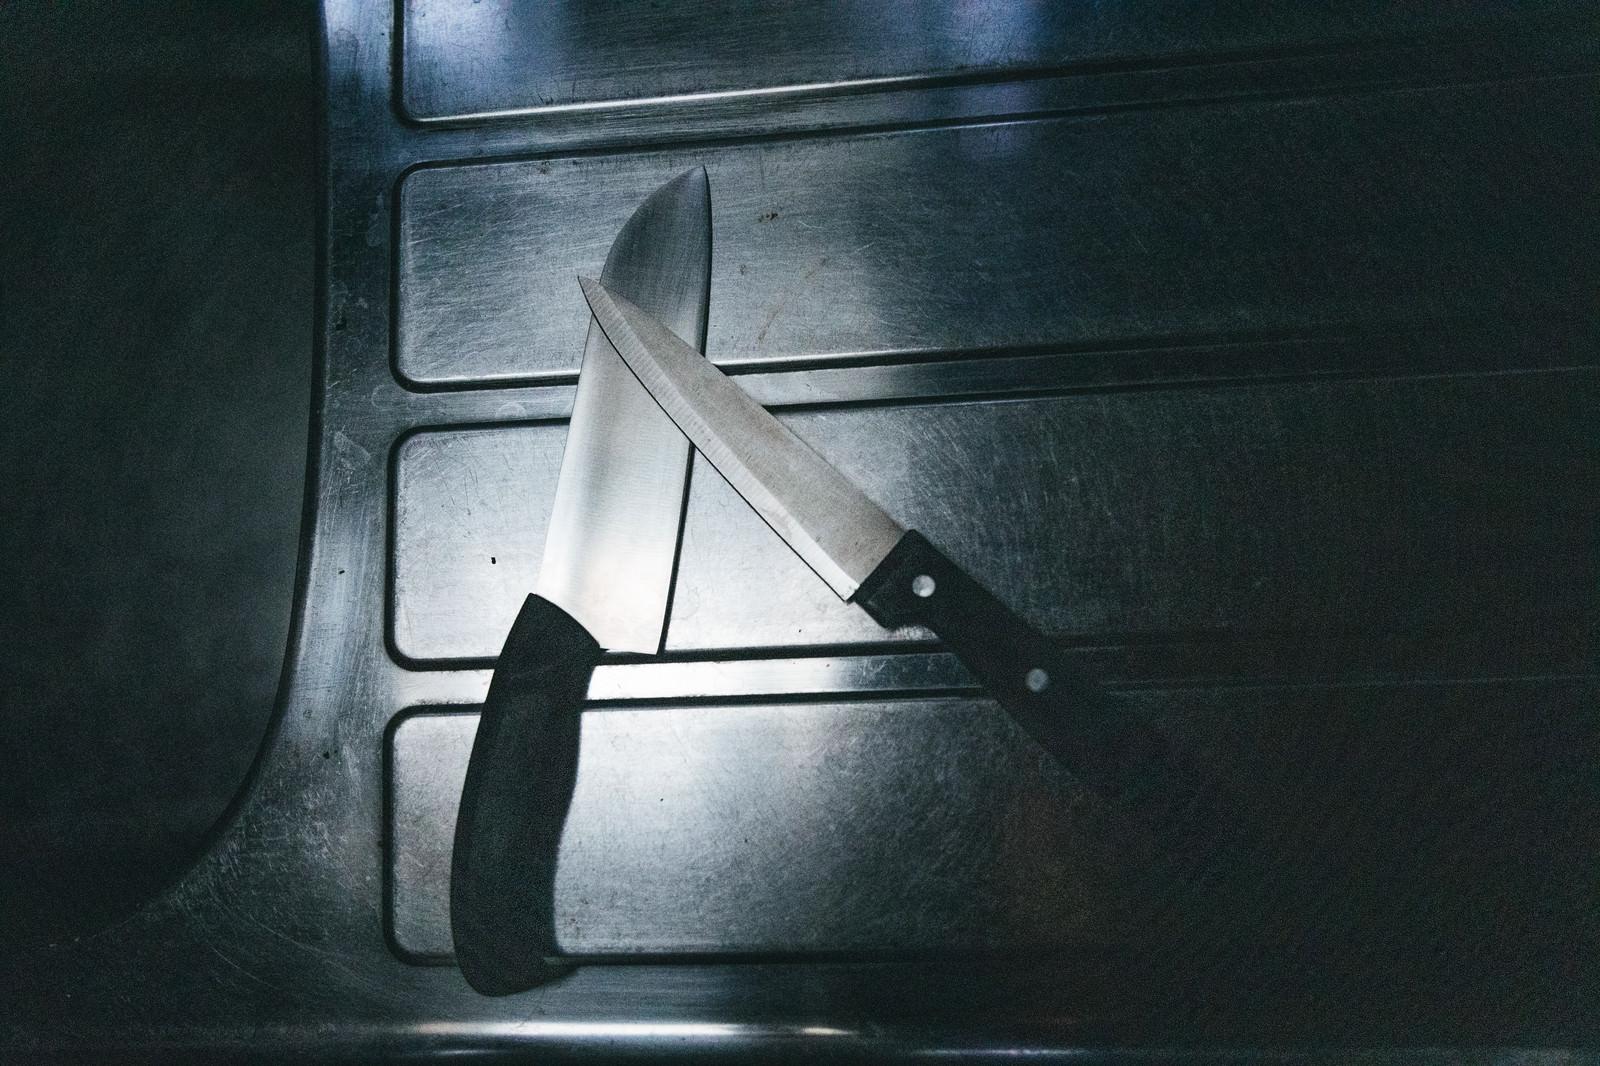 「キッチンのシンク横に置かれた包丁二本」の写真